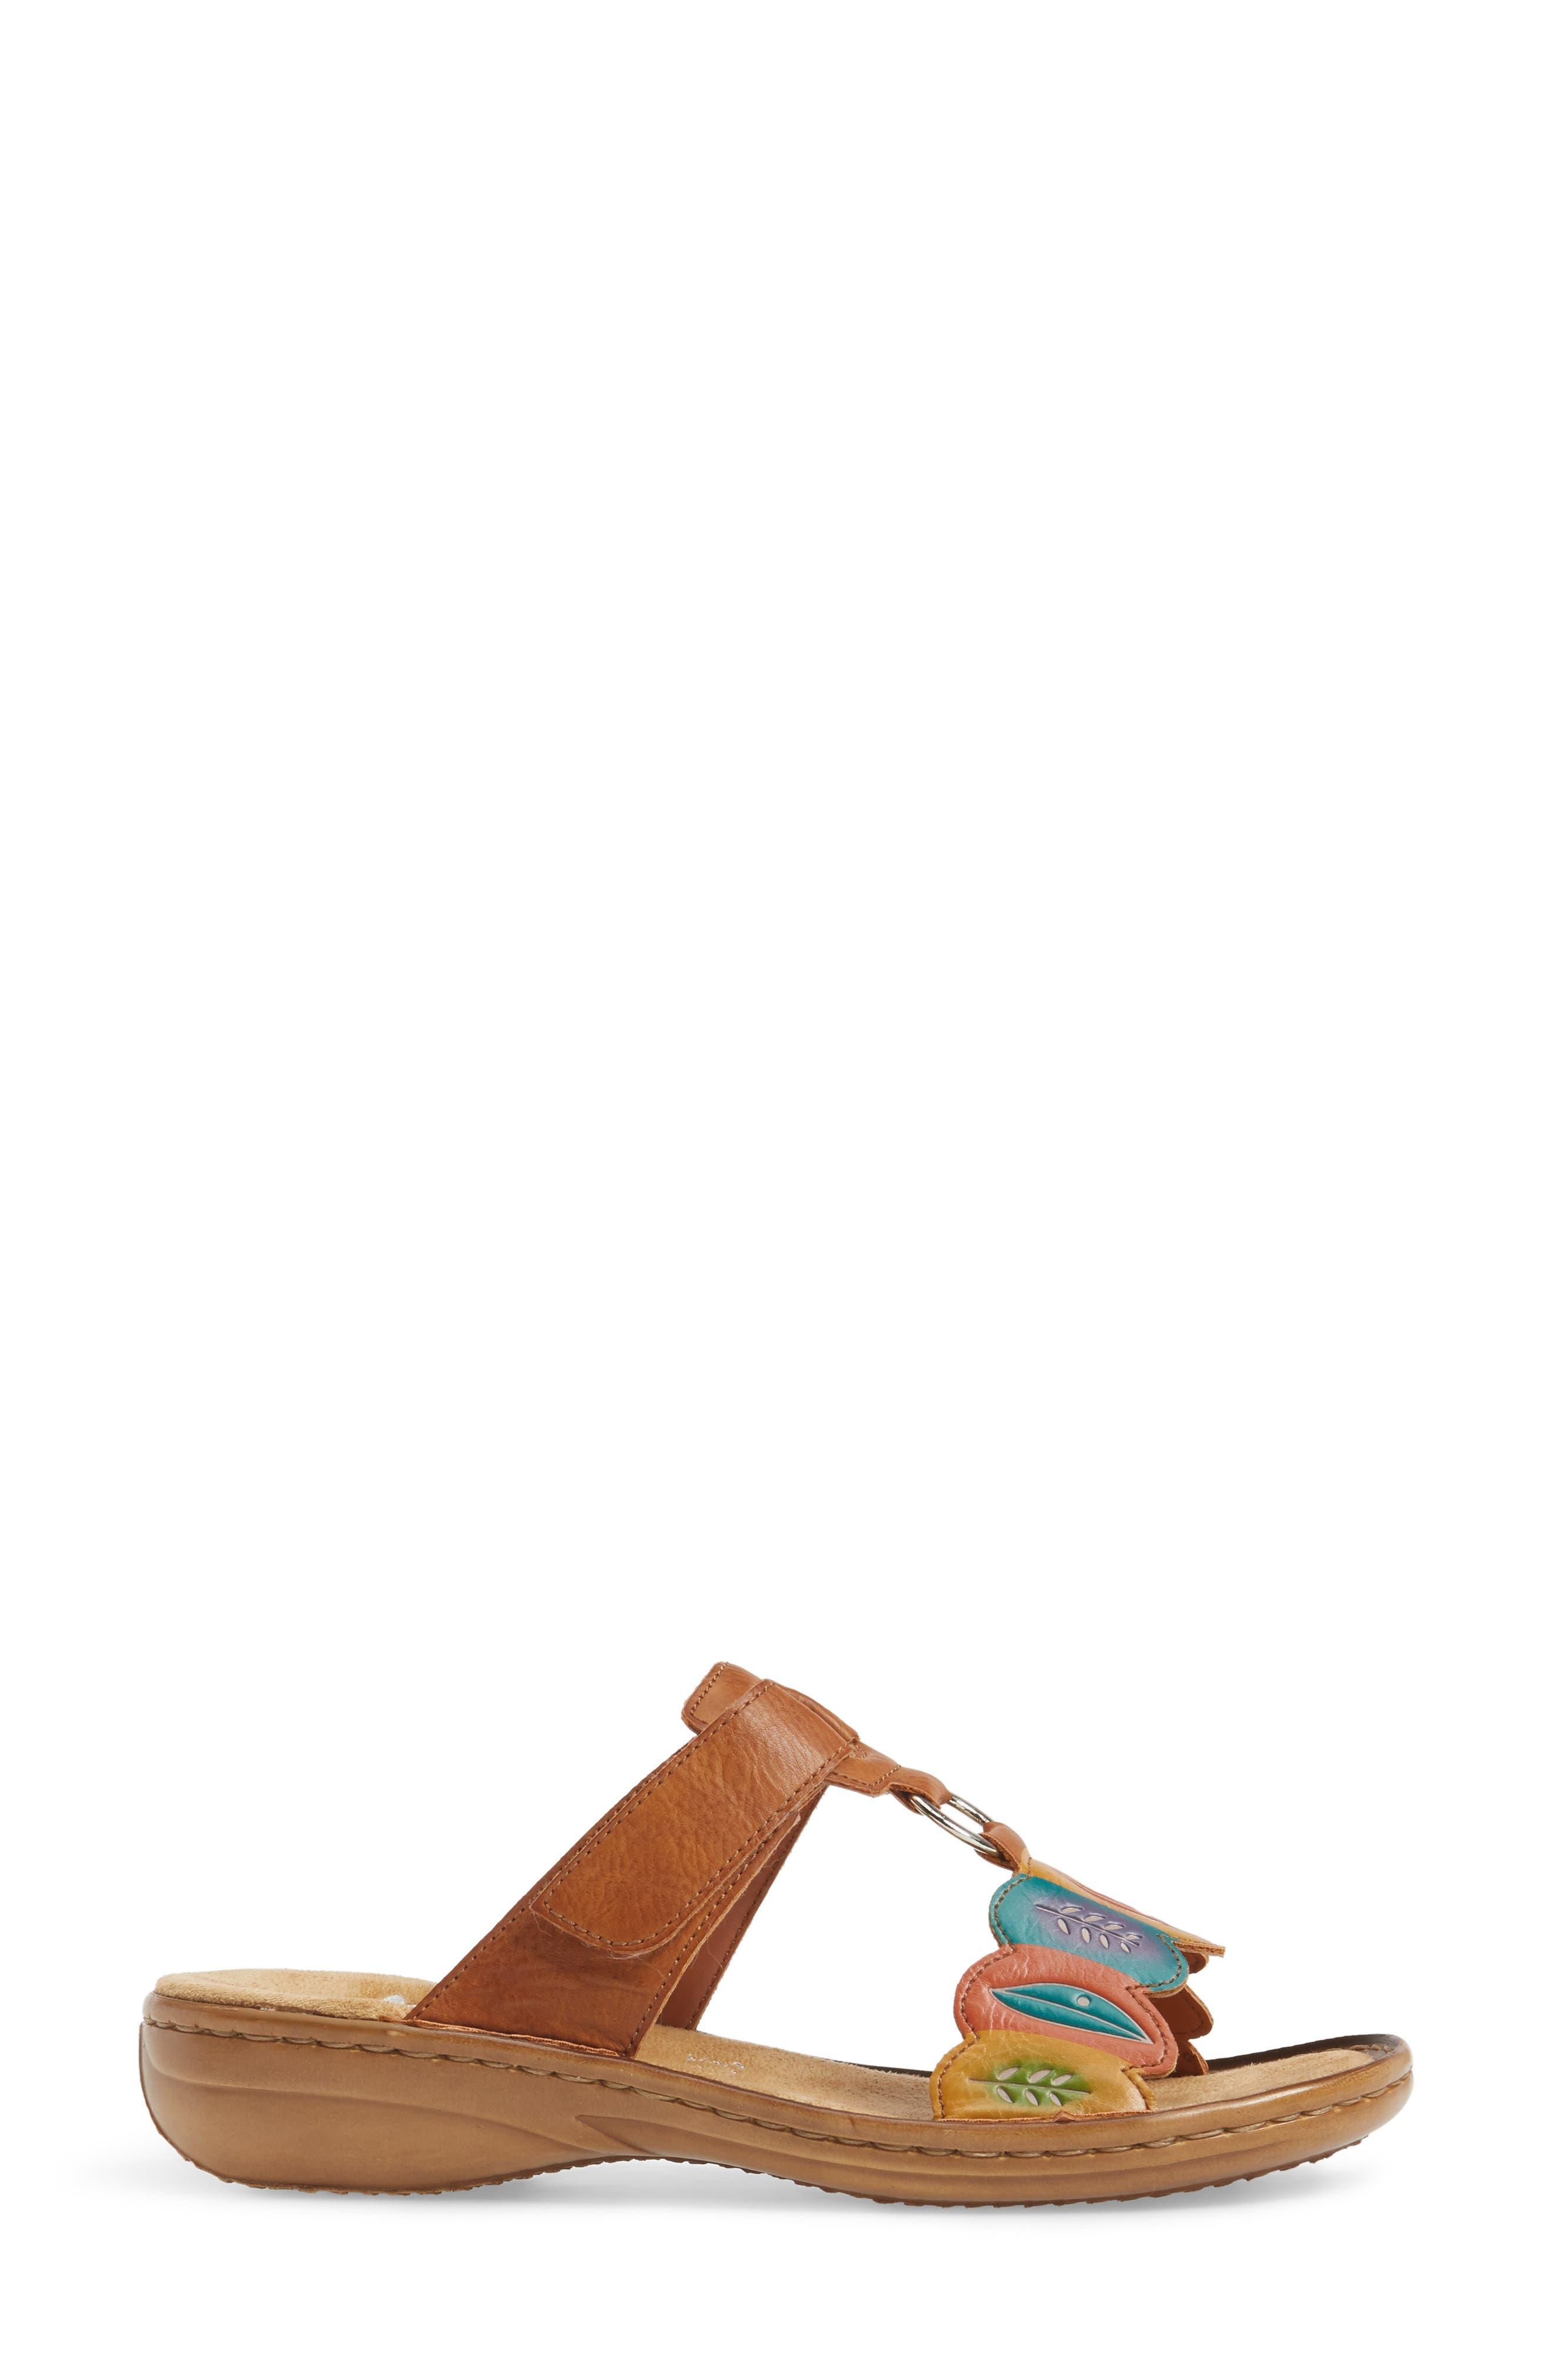 Regina R4 Slide Sandal,                             Alternate thumbnail 3, color,                             219